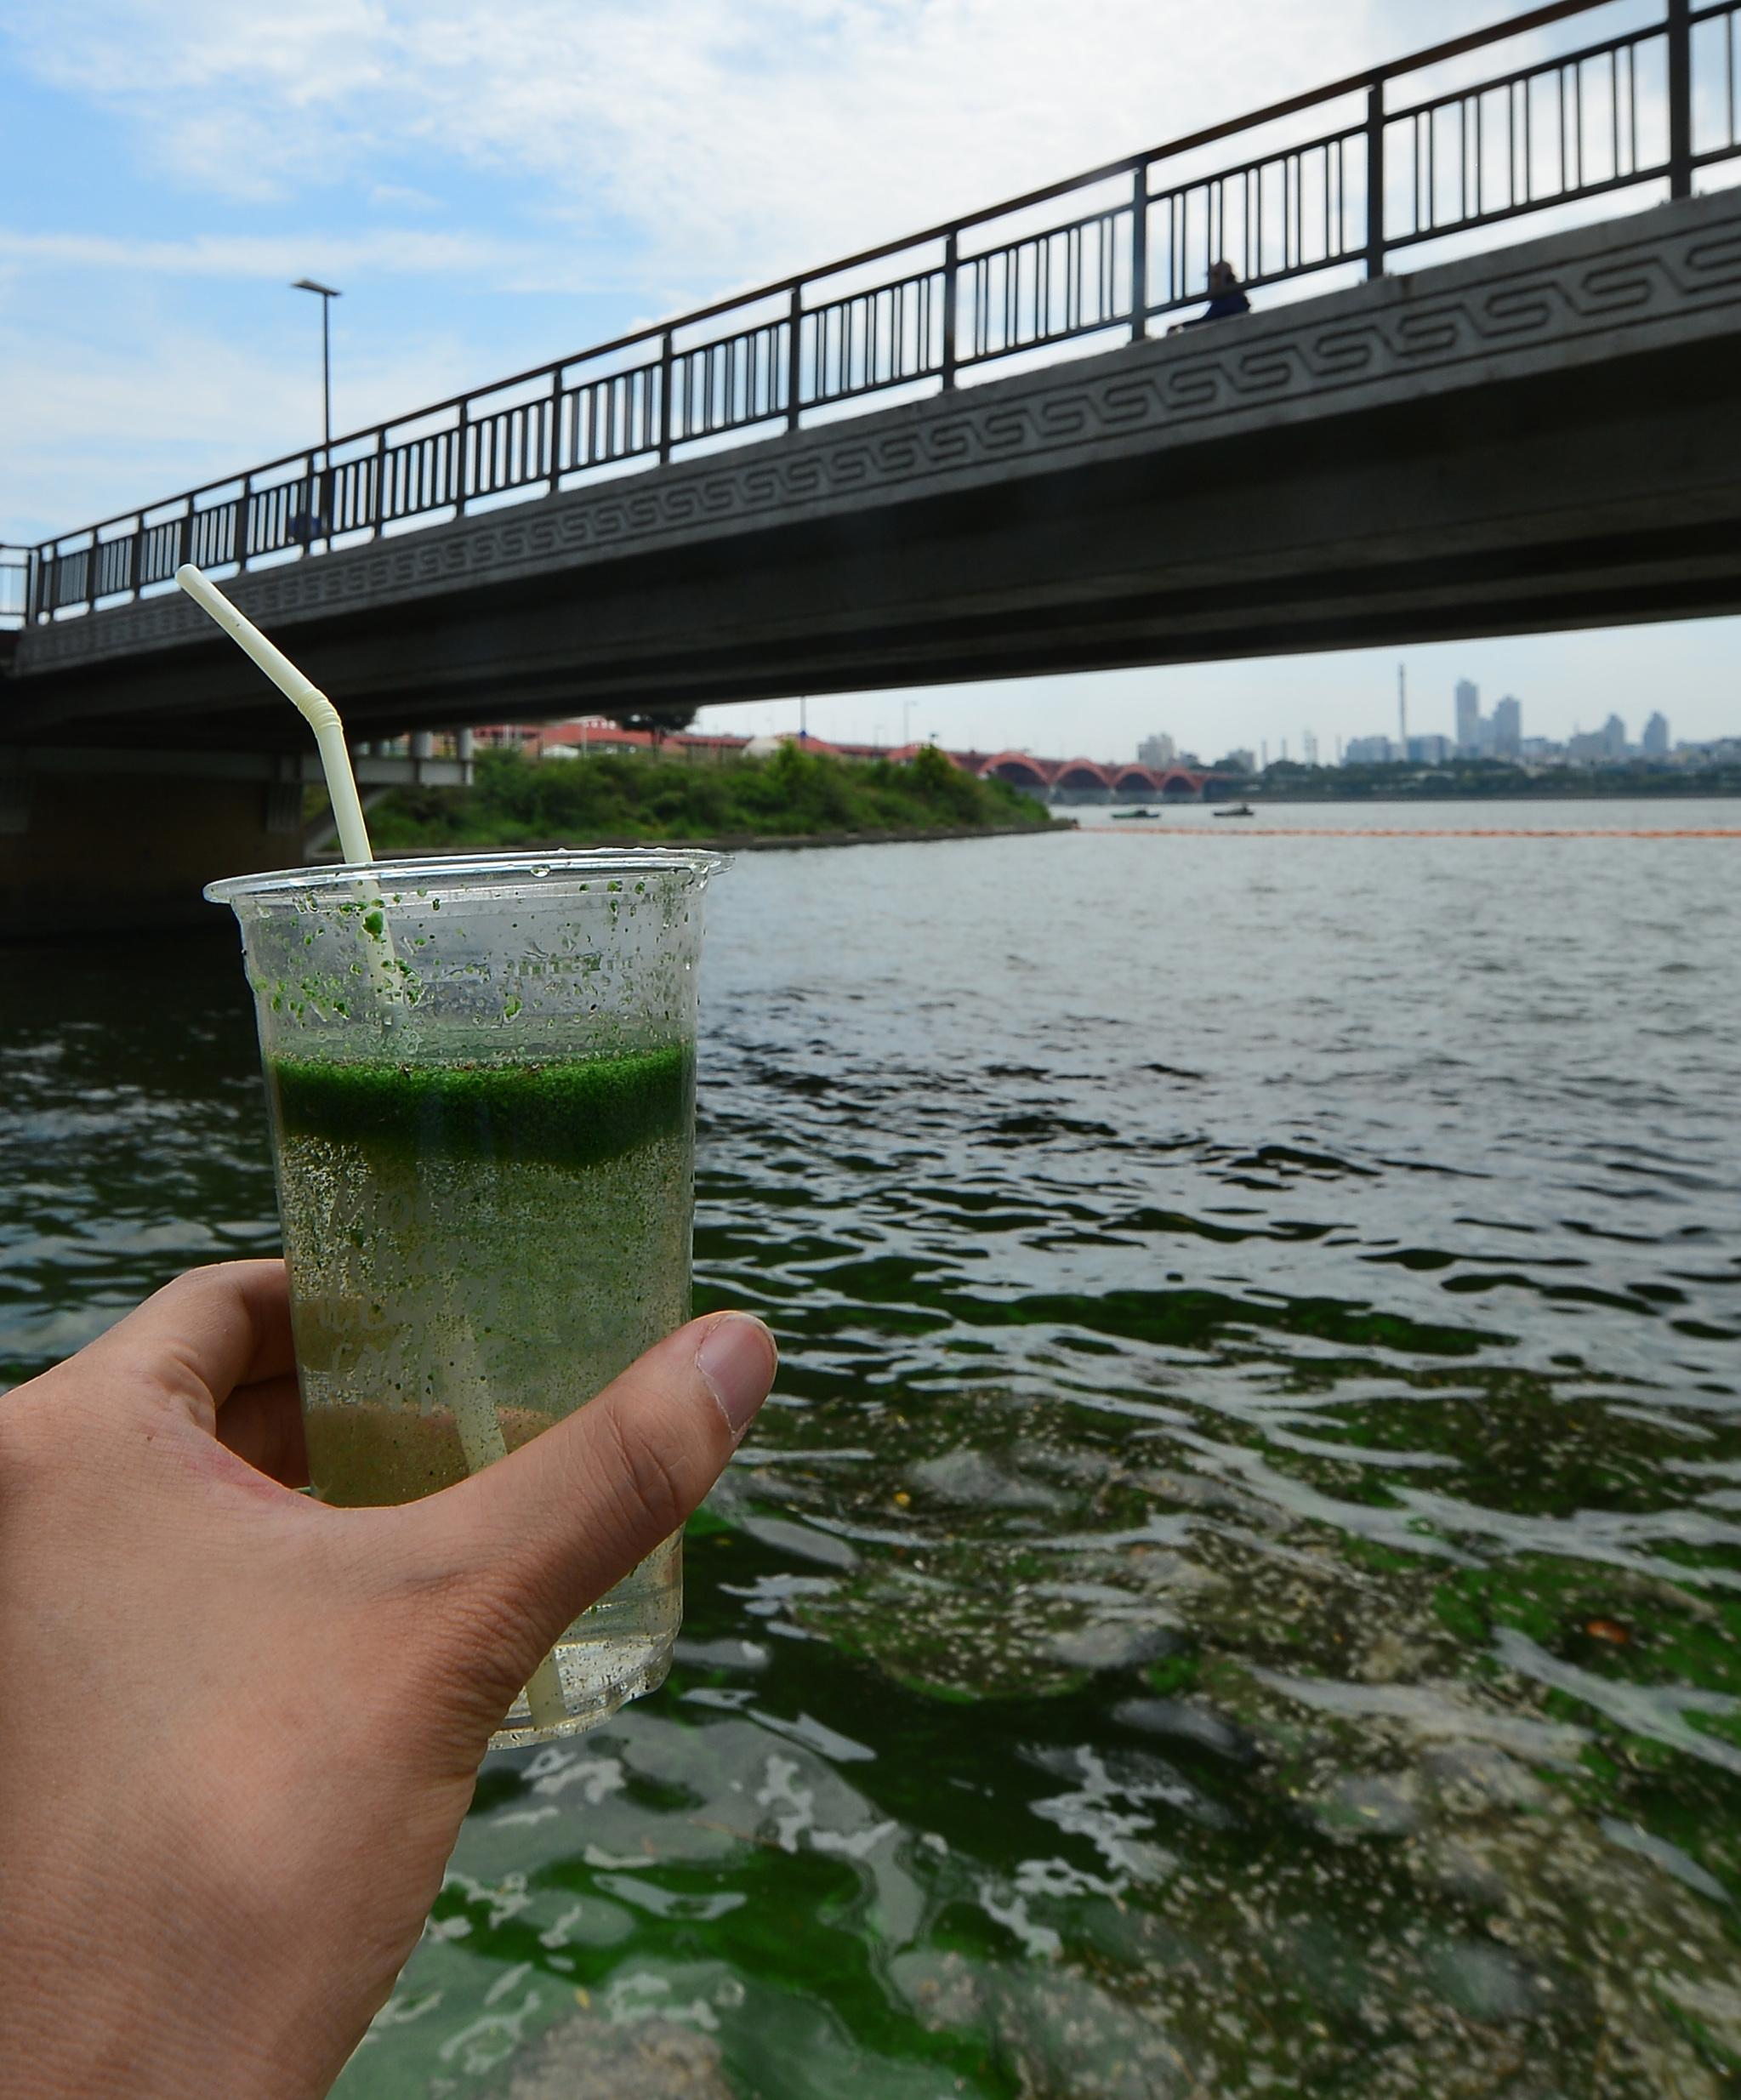 서울시 마포구 홍제천교 부근 한강변이 녹조현상으로 오염되어 있다. [중앙포토]